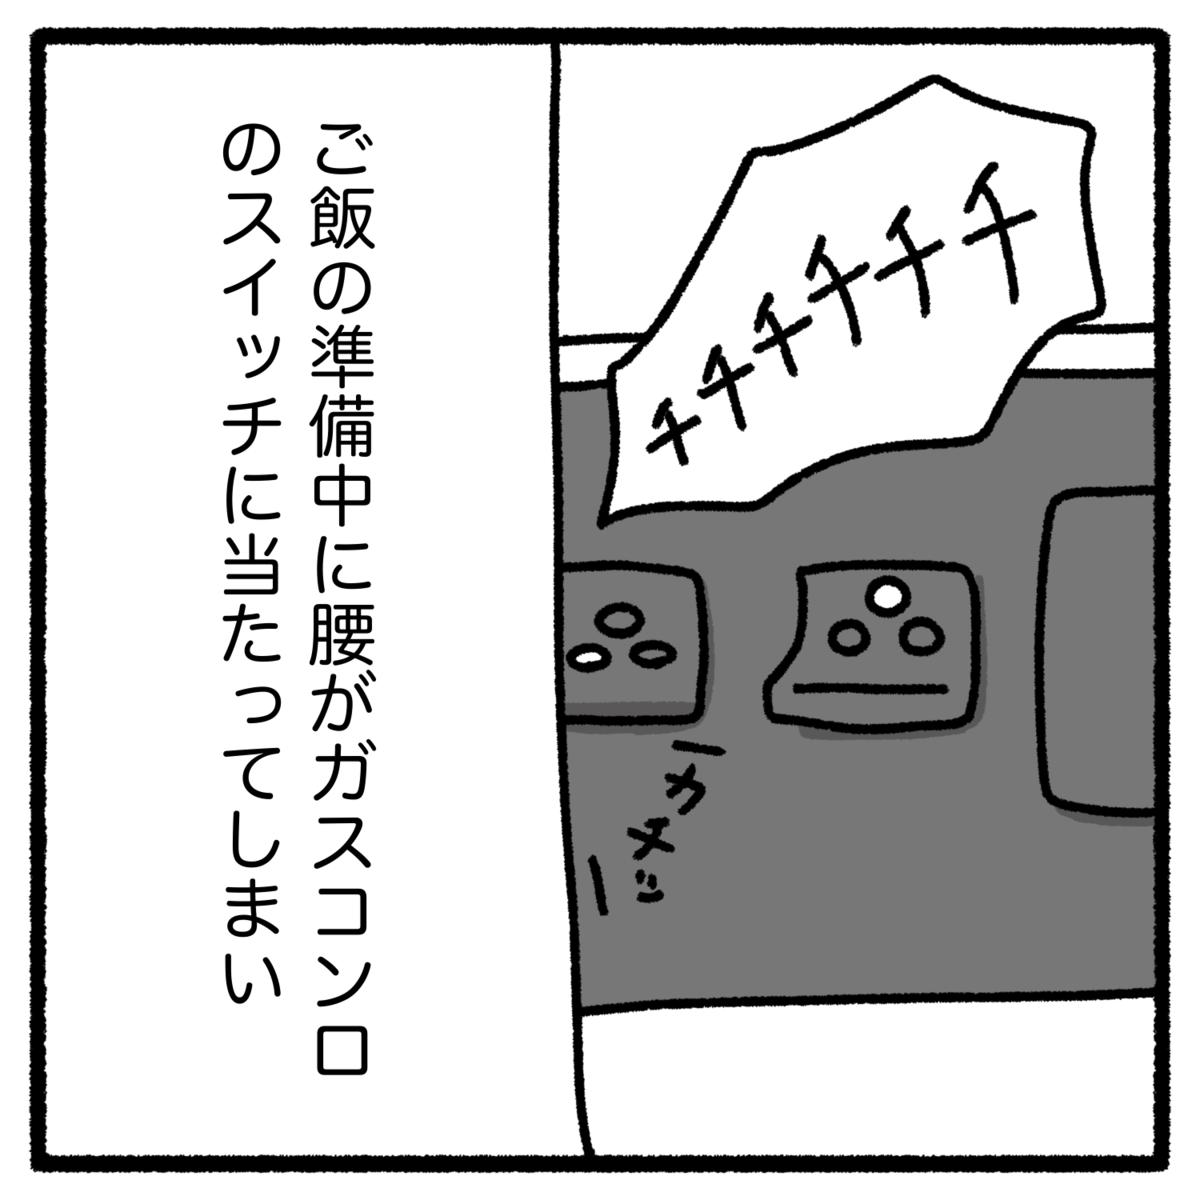 f:id:usgmen:20210419093850p:plain